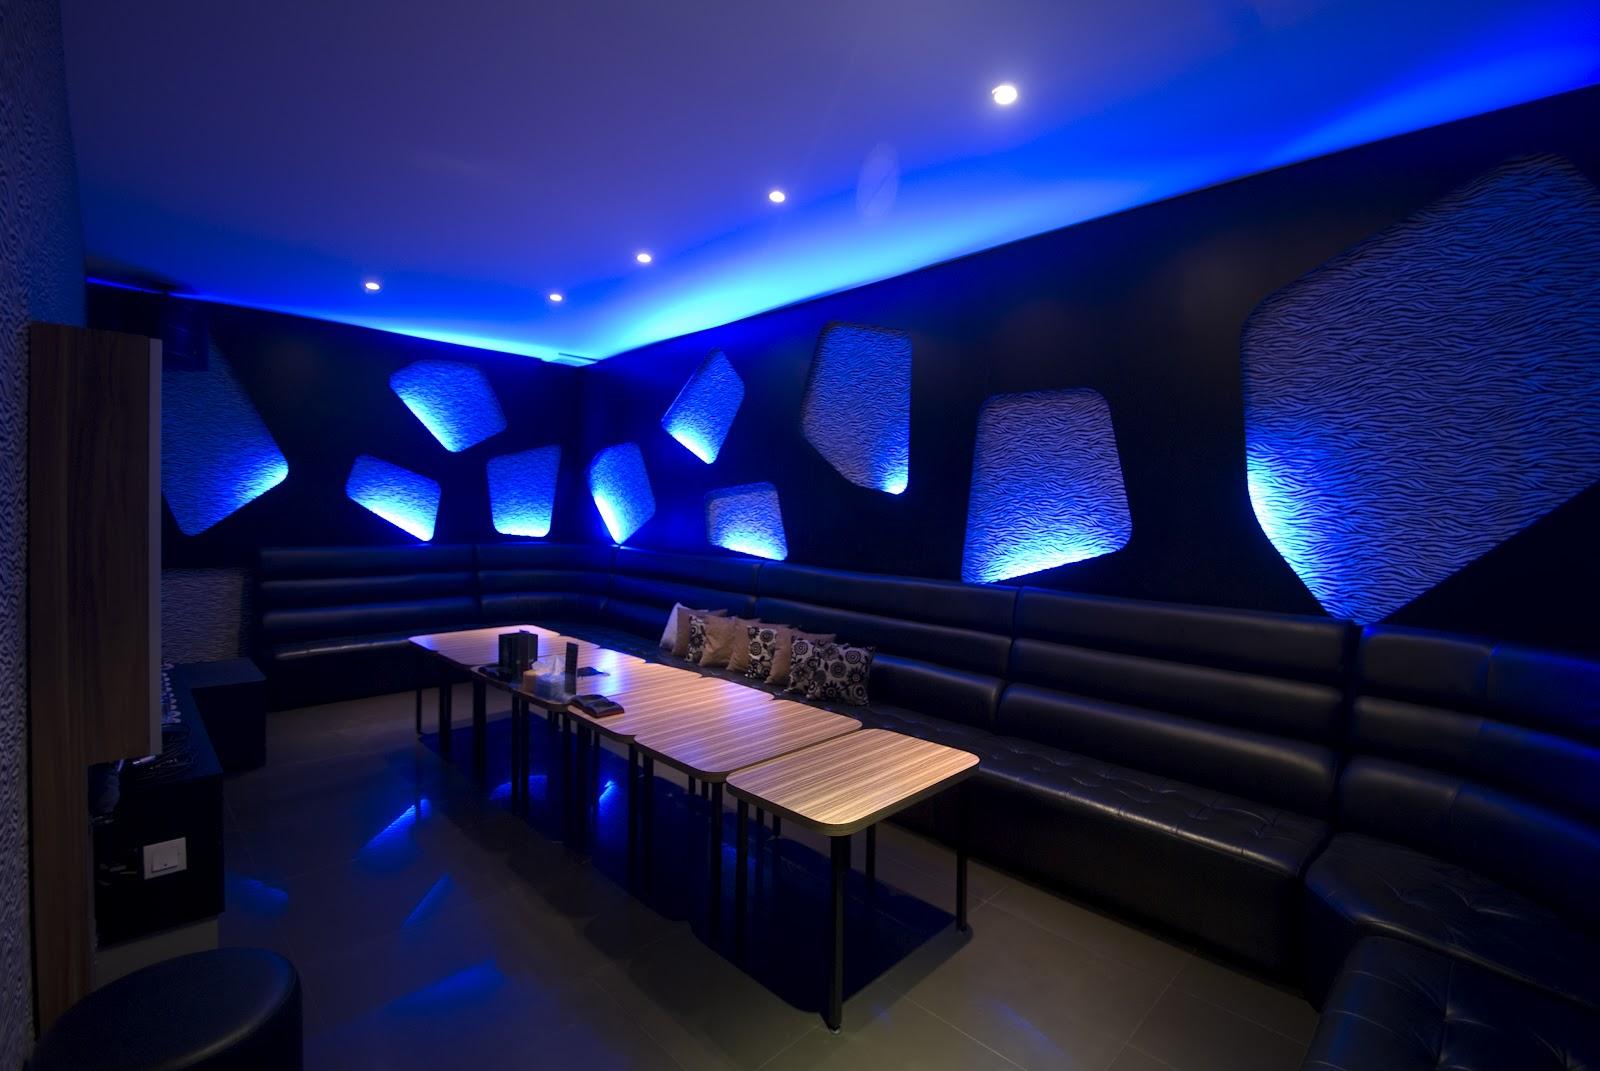 Best Club Interior Design Ideas Photos - Interior Design Ideas ...